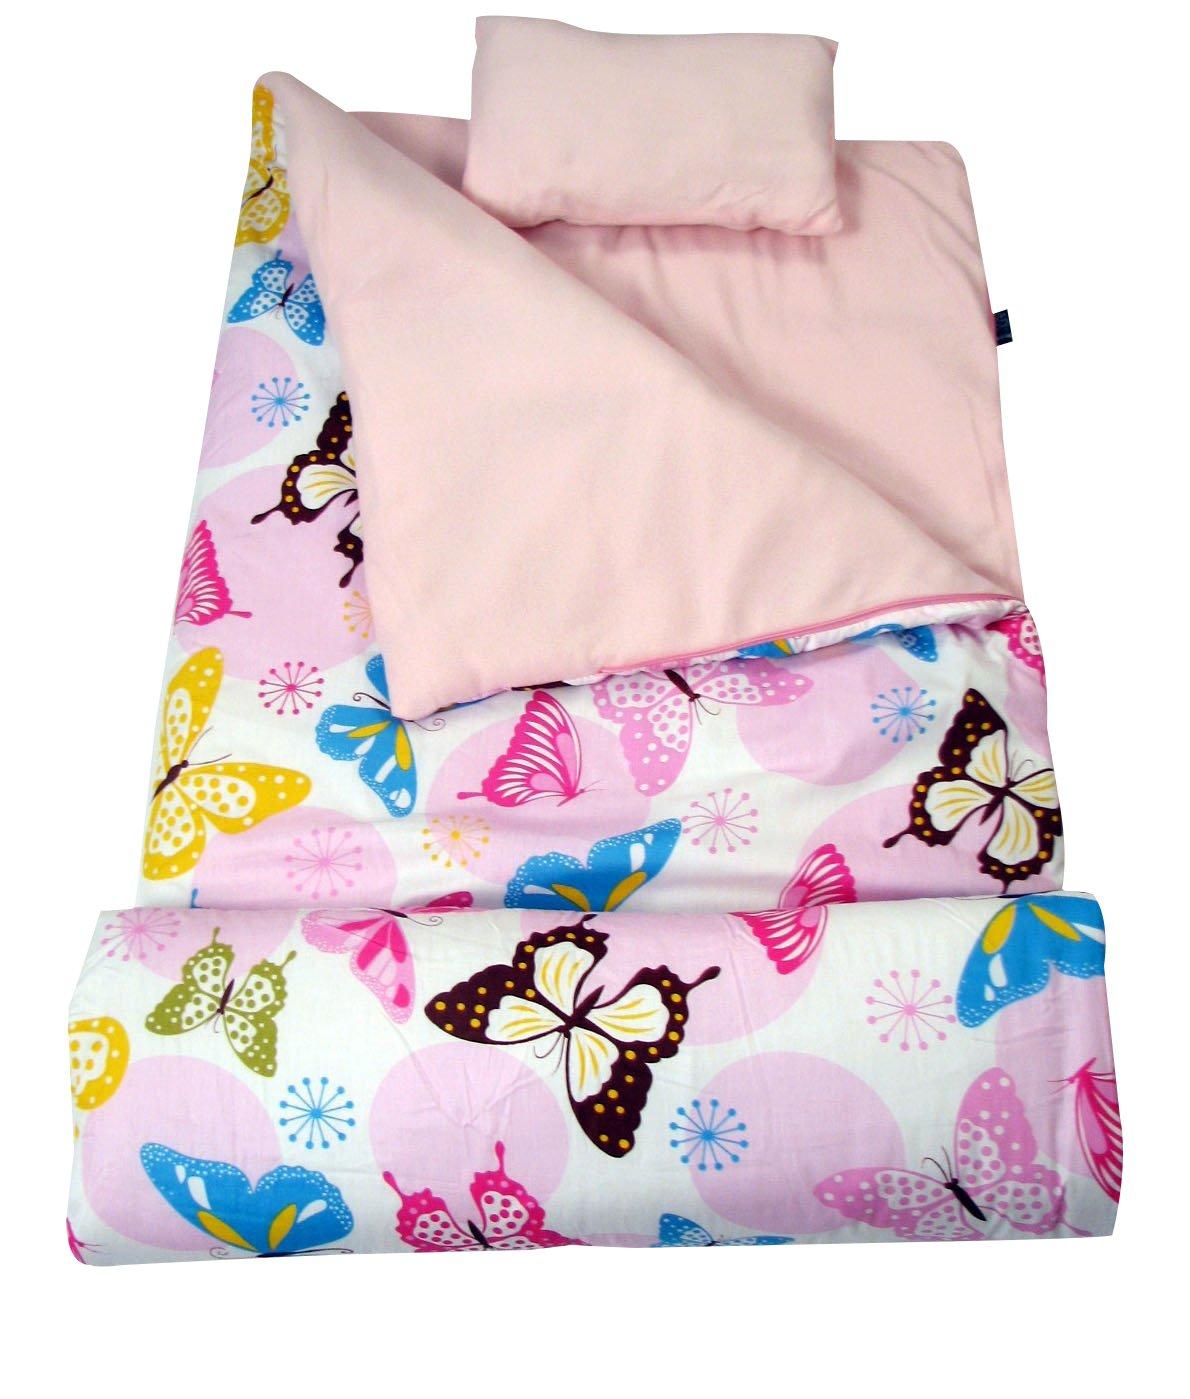 Soho Kidsコレクション、クラシックSleepingバッグ グリーン No-24 B016H6QCY8 Drifty Butterflies Drifty Butterflies